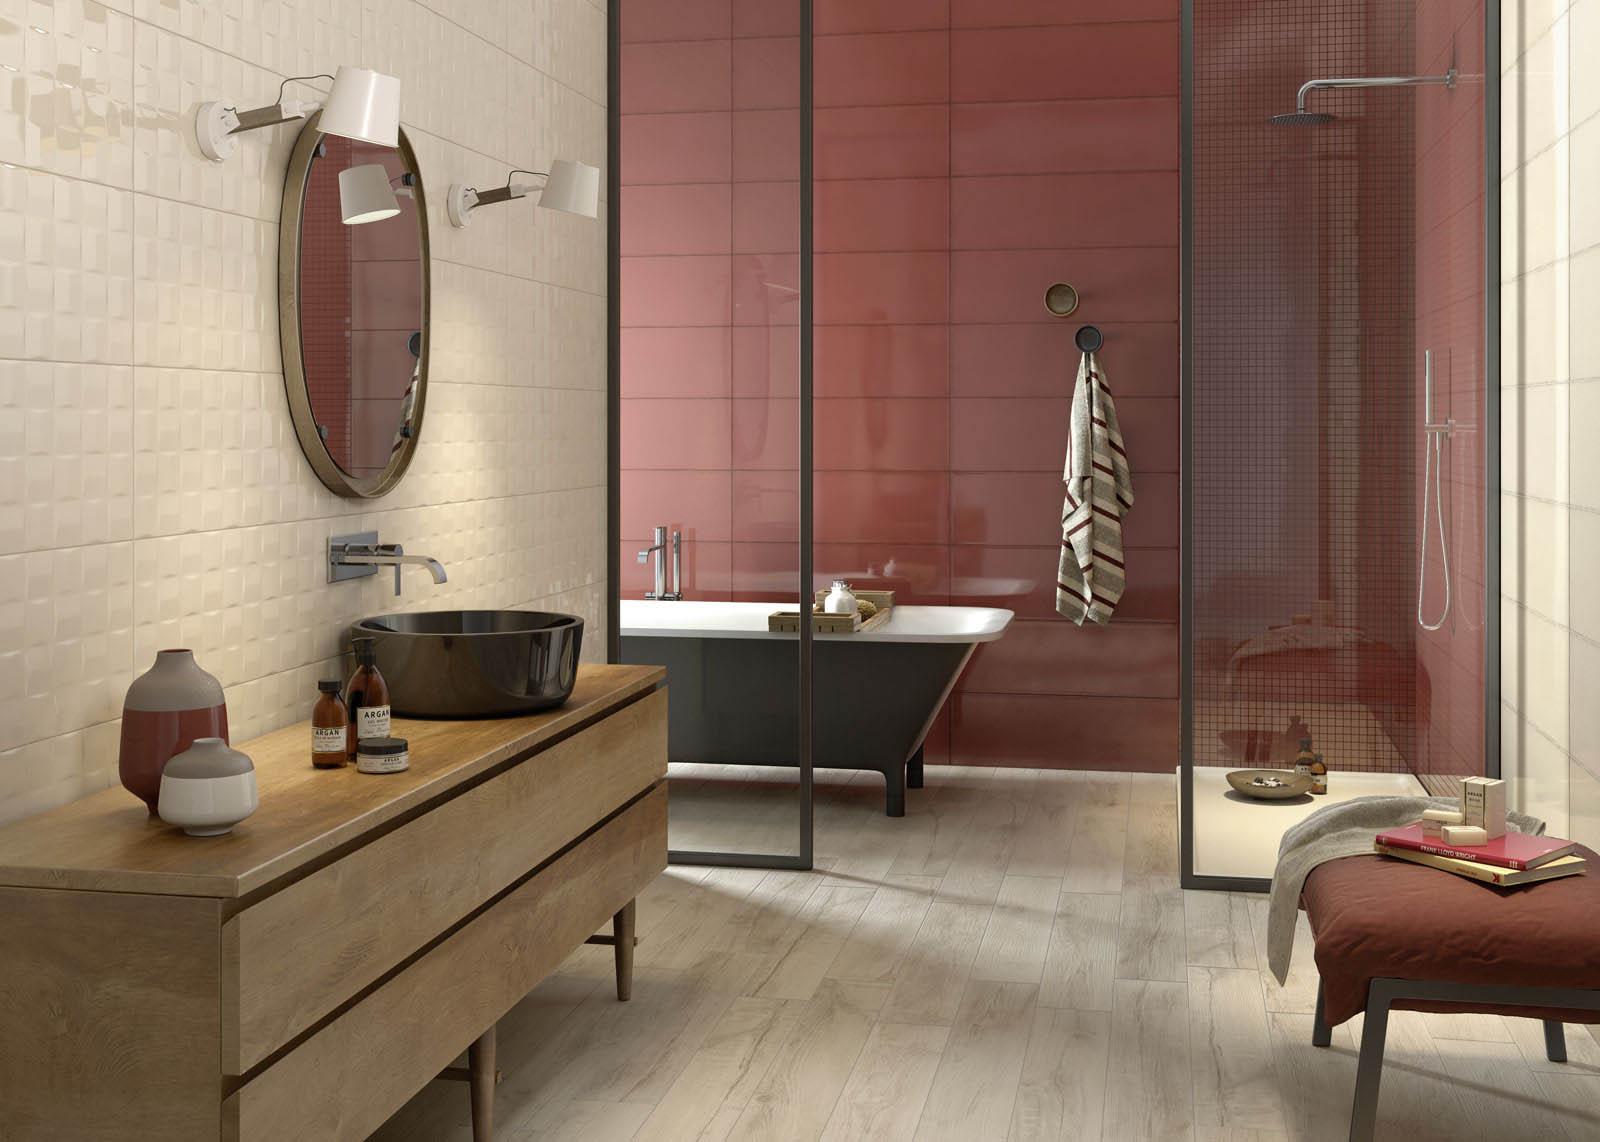 Bagno quadrato piccolo disposizione bagno piccolo alternabito